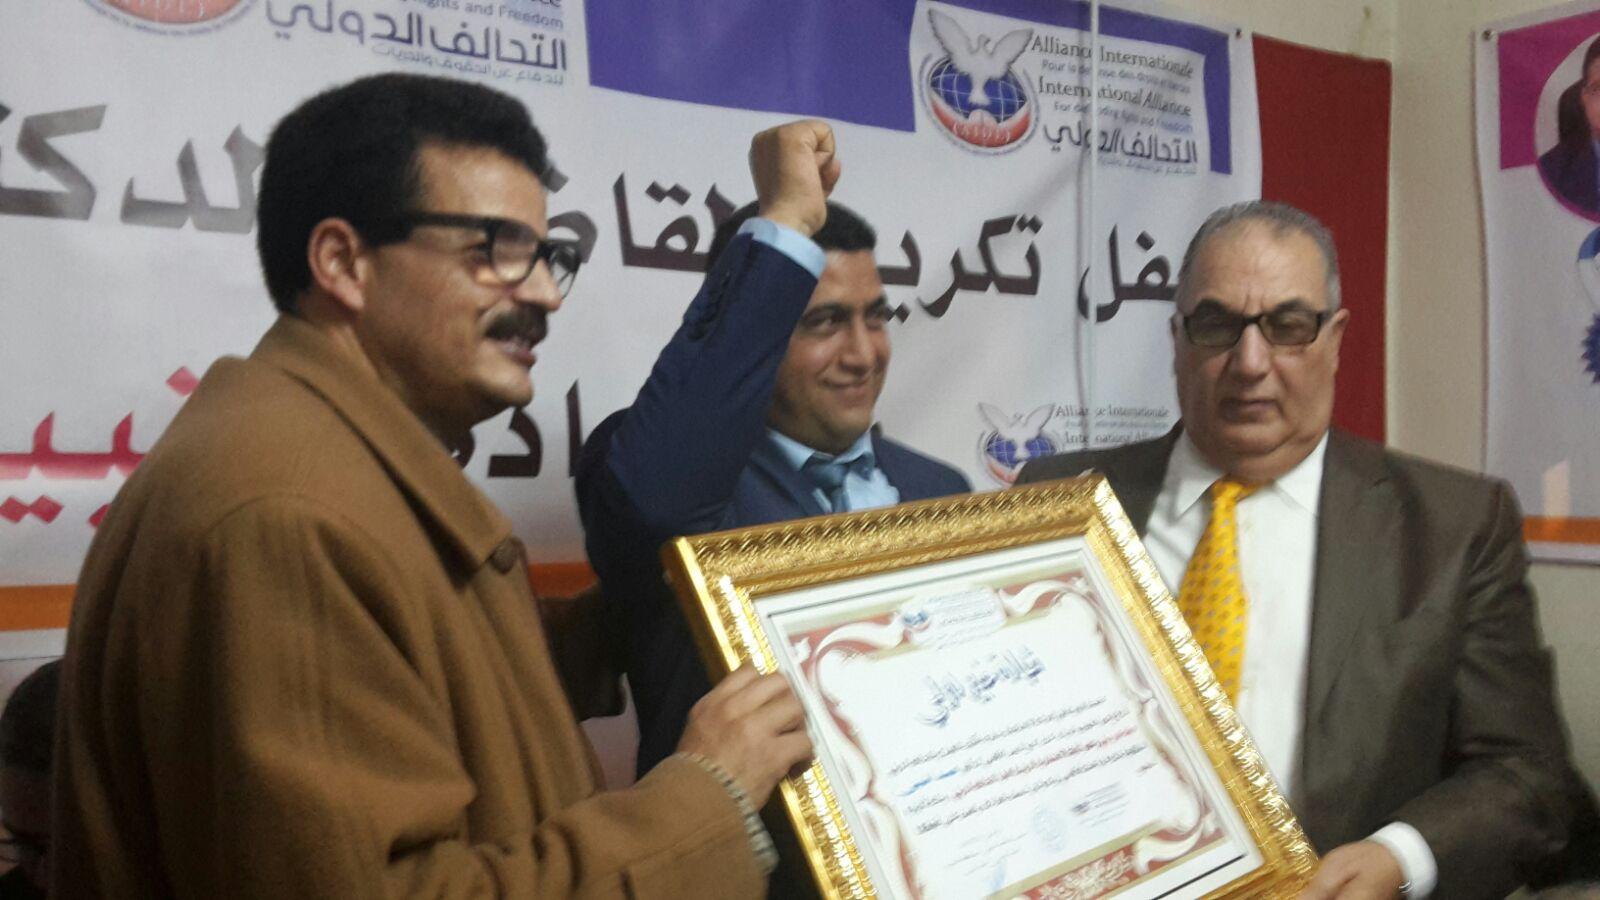 تكريم الدكتور محمد الهيني وتعيينه عضوا استشاريا لدى الهيئة الاستشارية الدولية للتحالف الدولي للدفاع عن الحقوق والحريات.